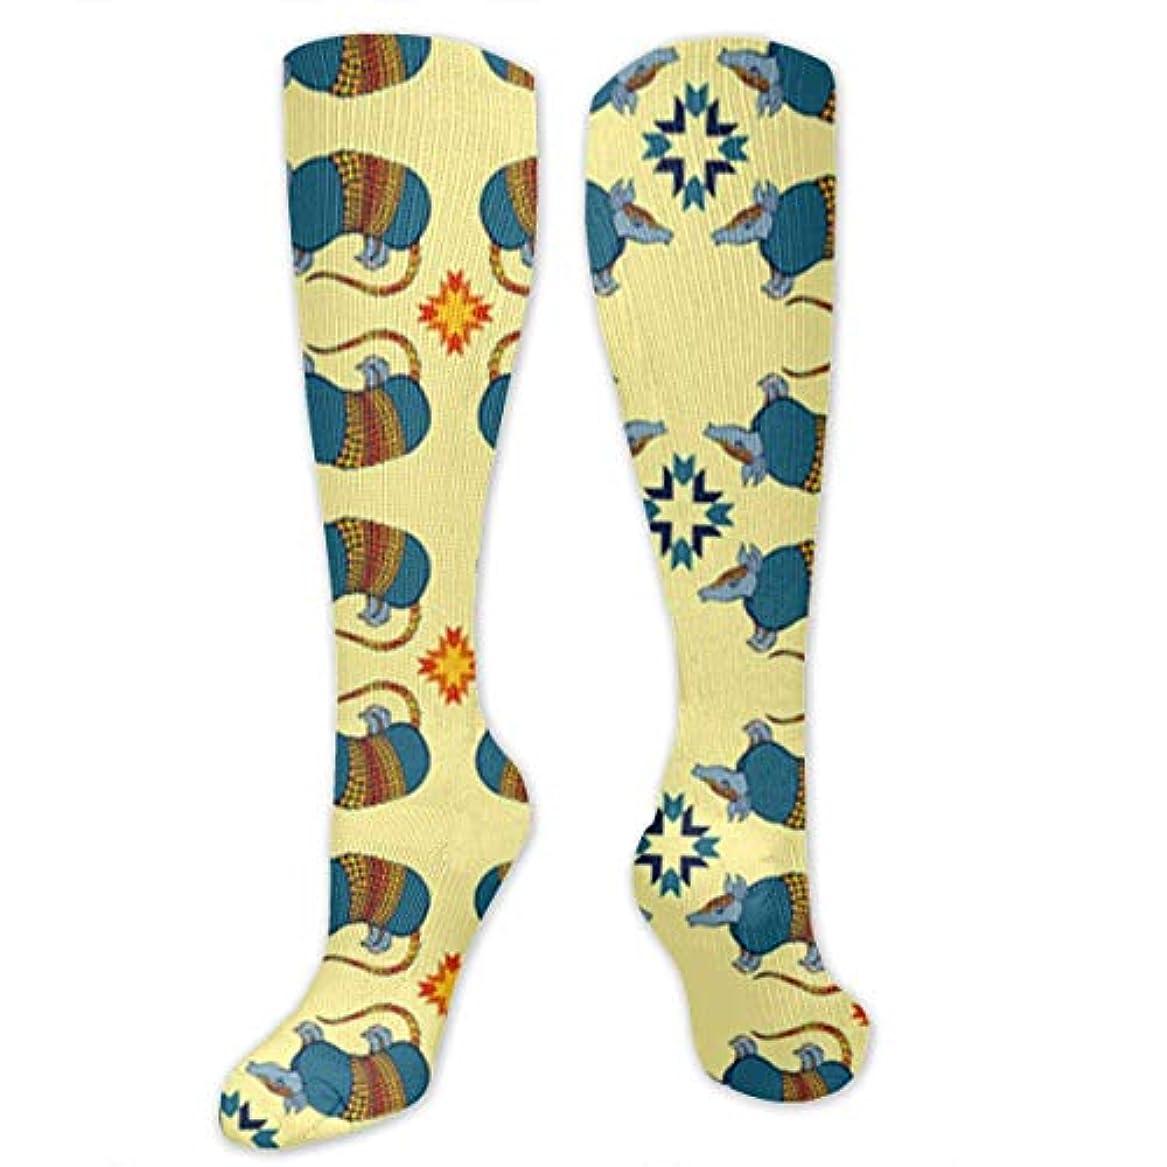 で合成北米靴下,ストッキング,野生のジョーカー,実際,秋の本質,冬必須,サマーウェア&RBXAA Southwestern Armadillo On Yellow Socks Women's Winter Cotton Long...